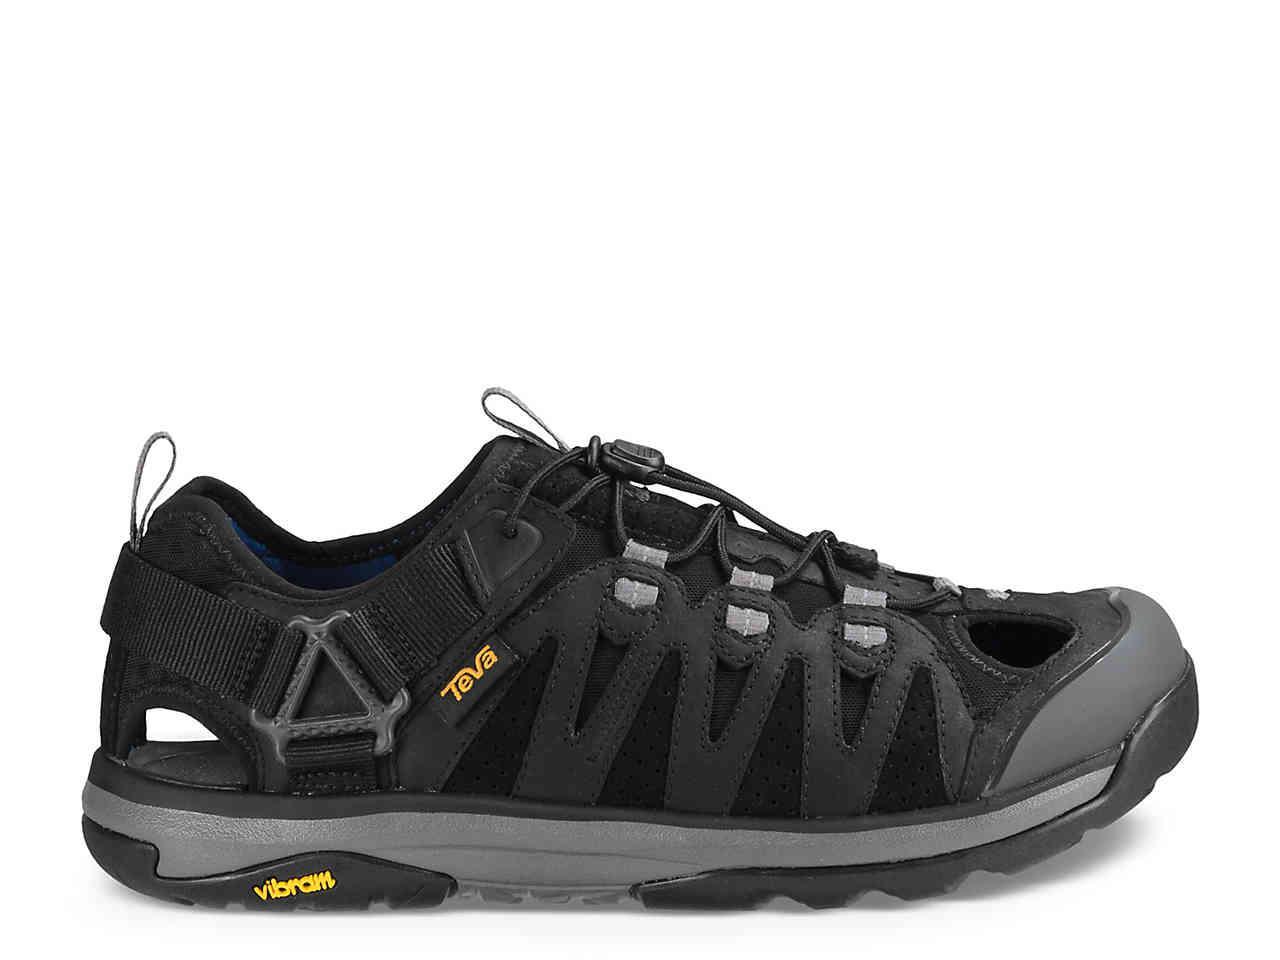 66aabe0eb65c Lyst - Teva Terra Float Active Sport Sandal in Black for Men